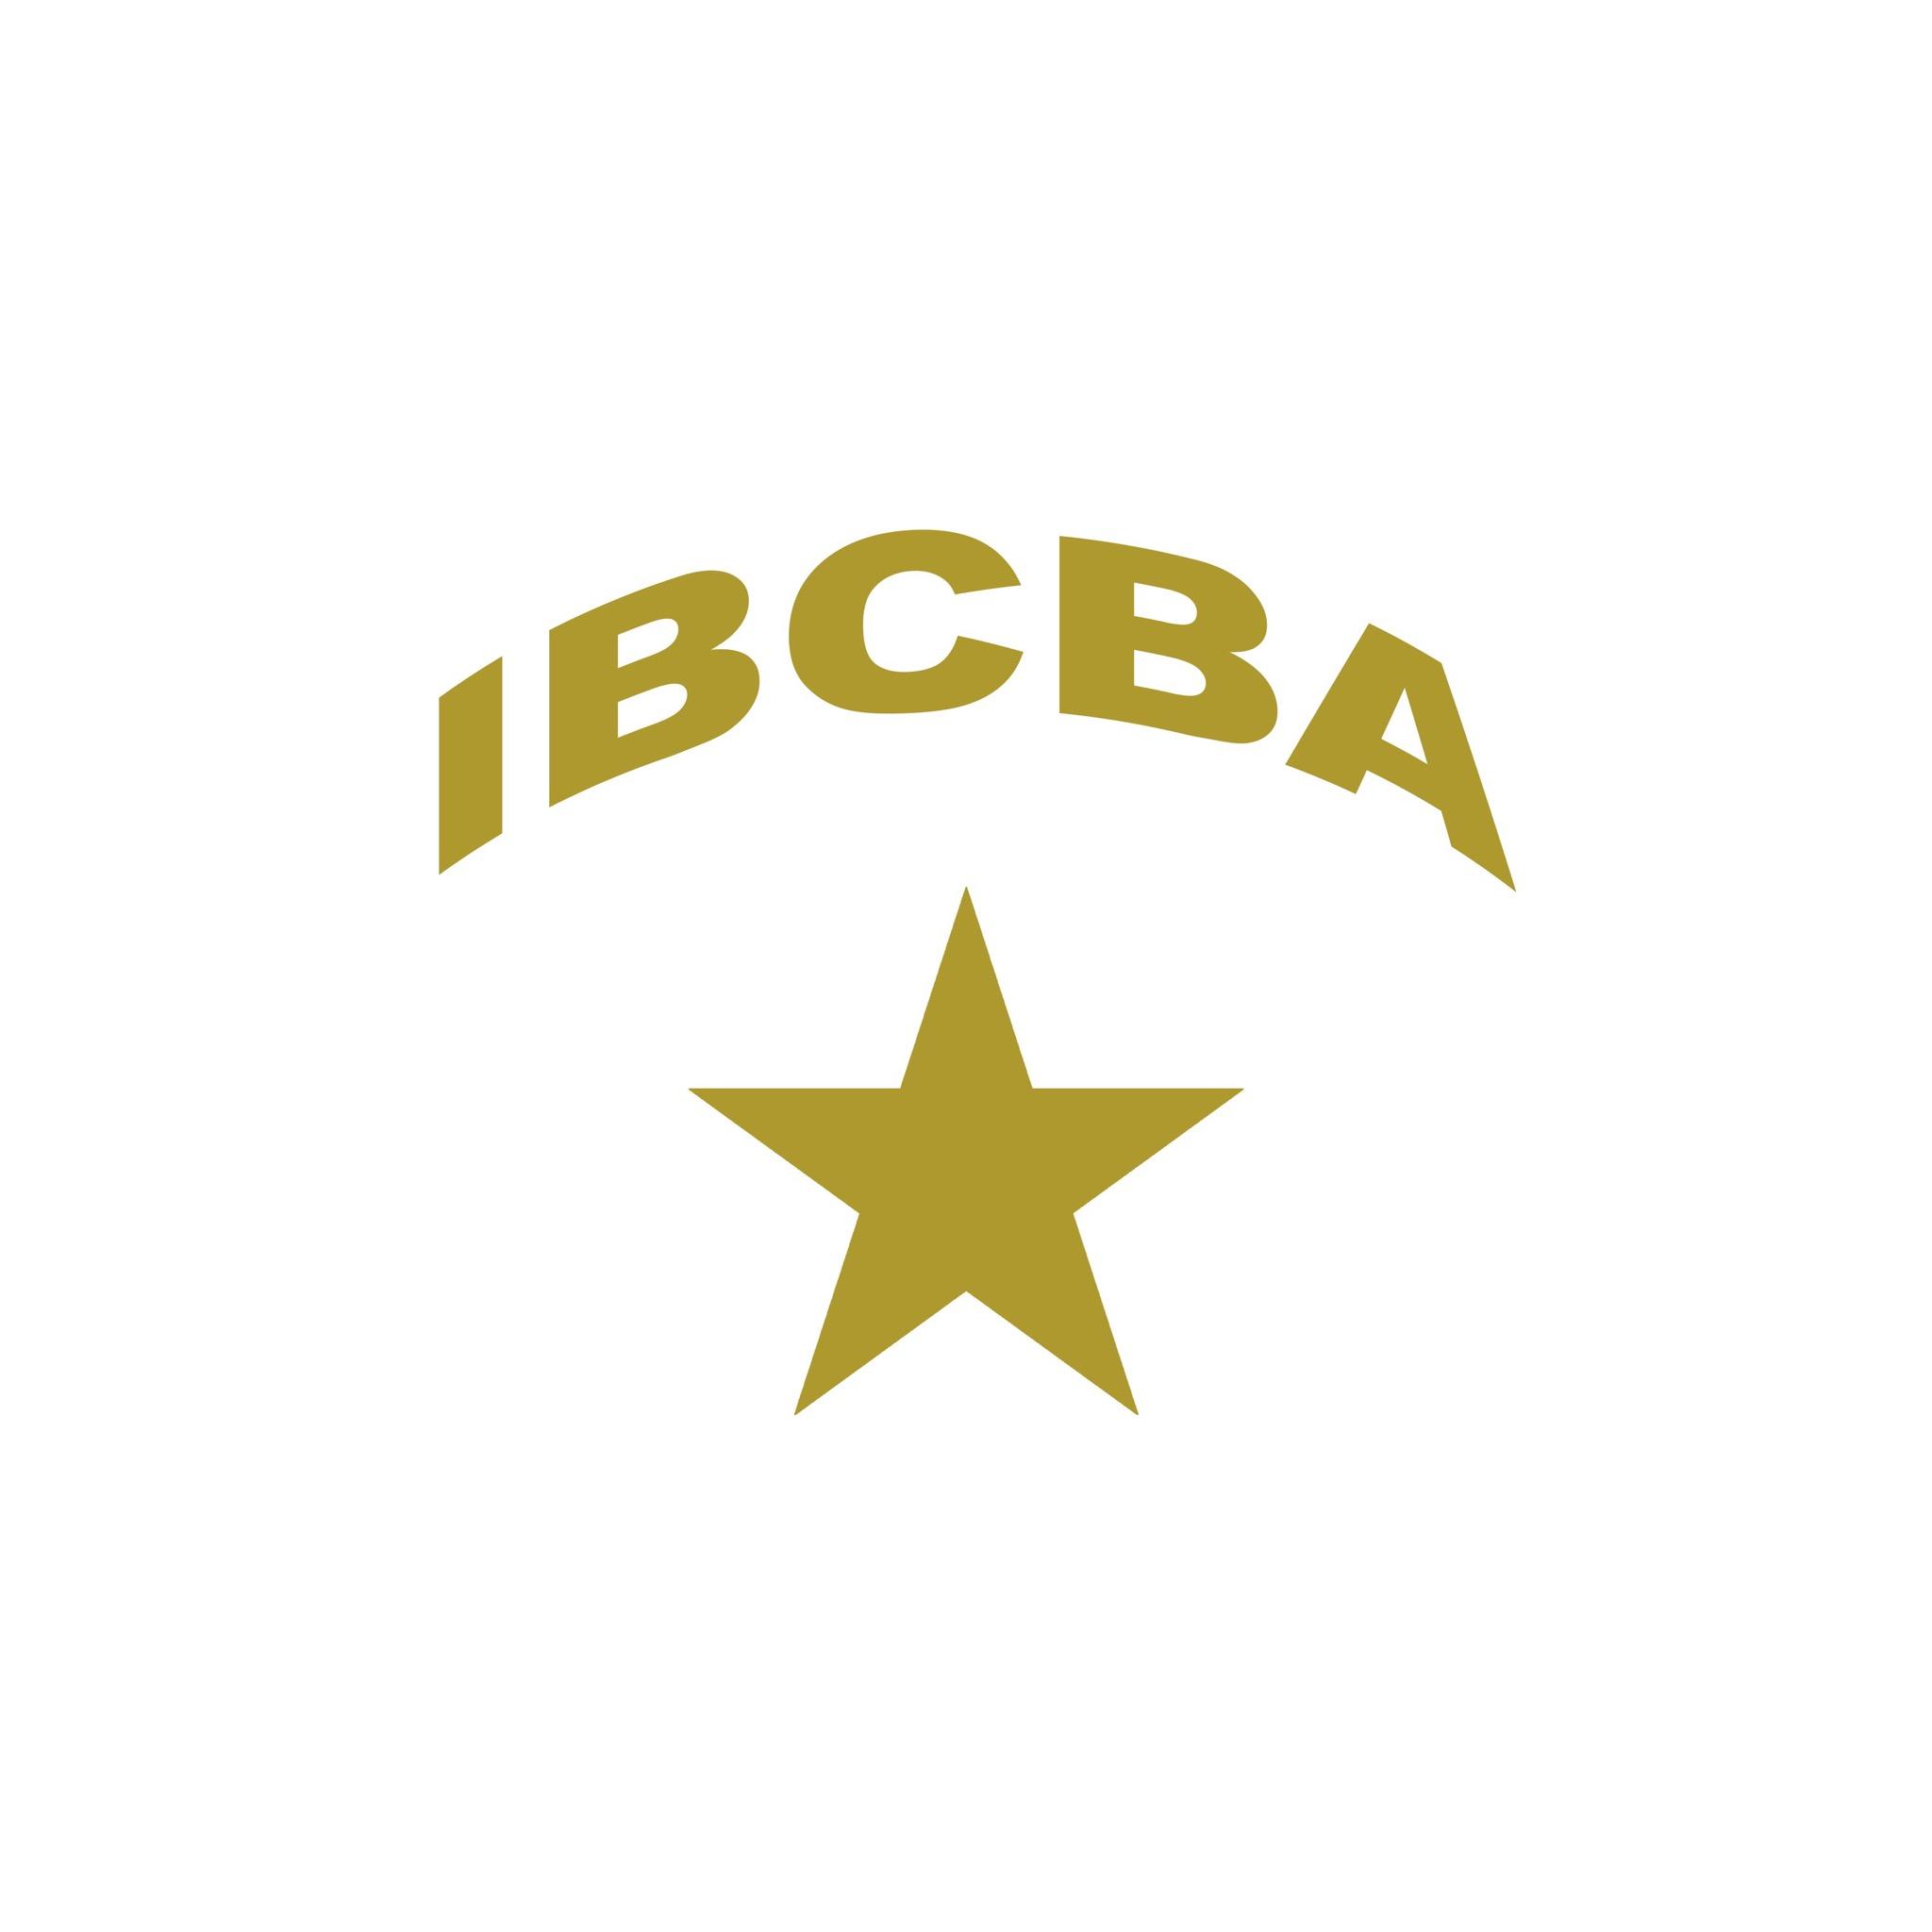 IBCBA LOGO